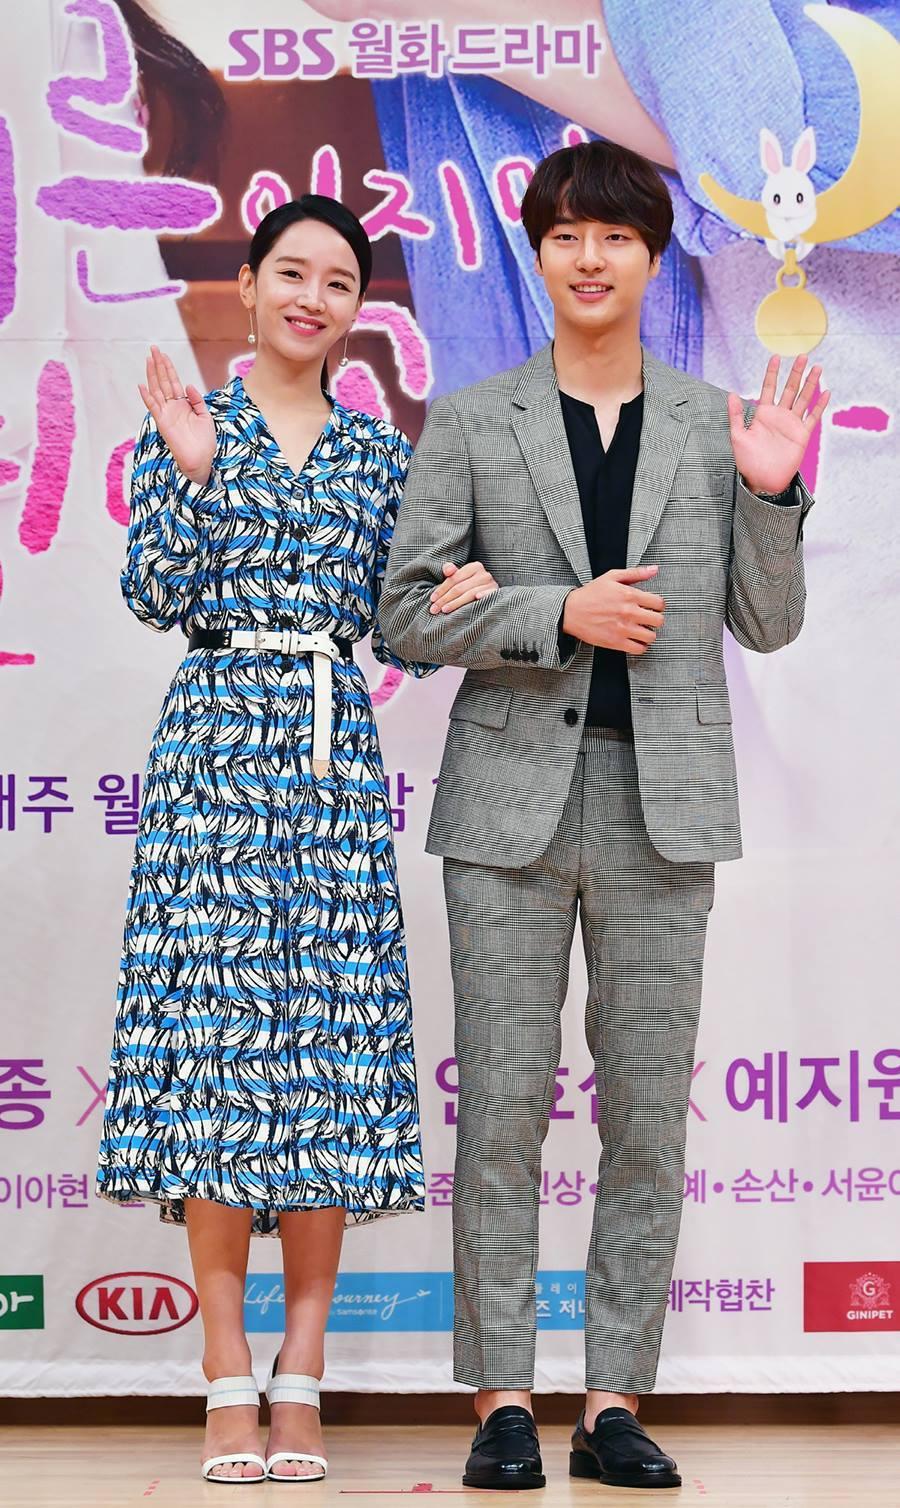 梁世宗和申惠善搭檔演出。圖/摘自SBS